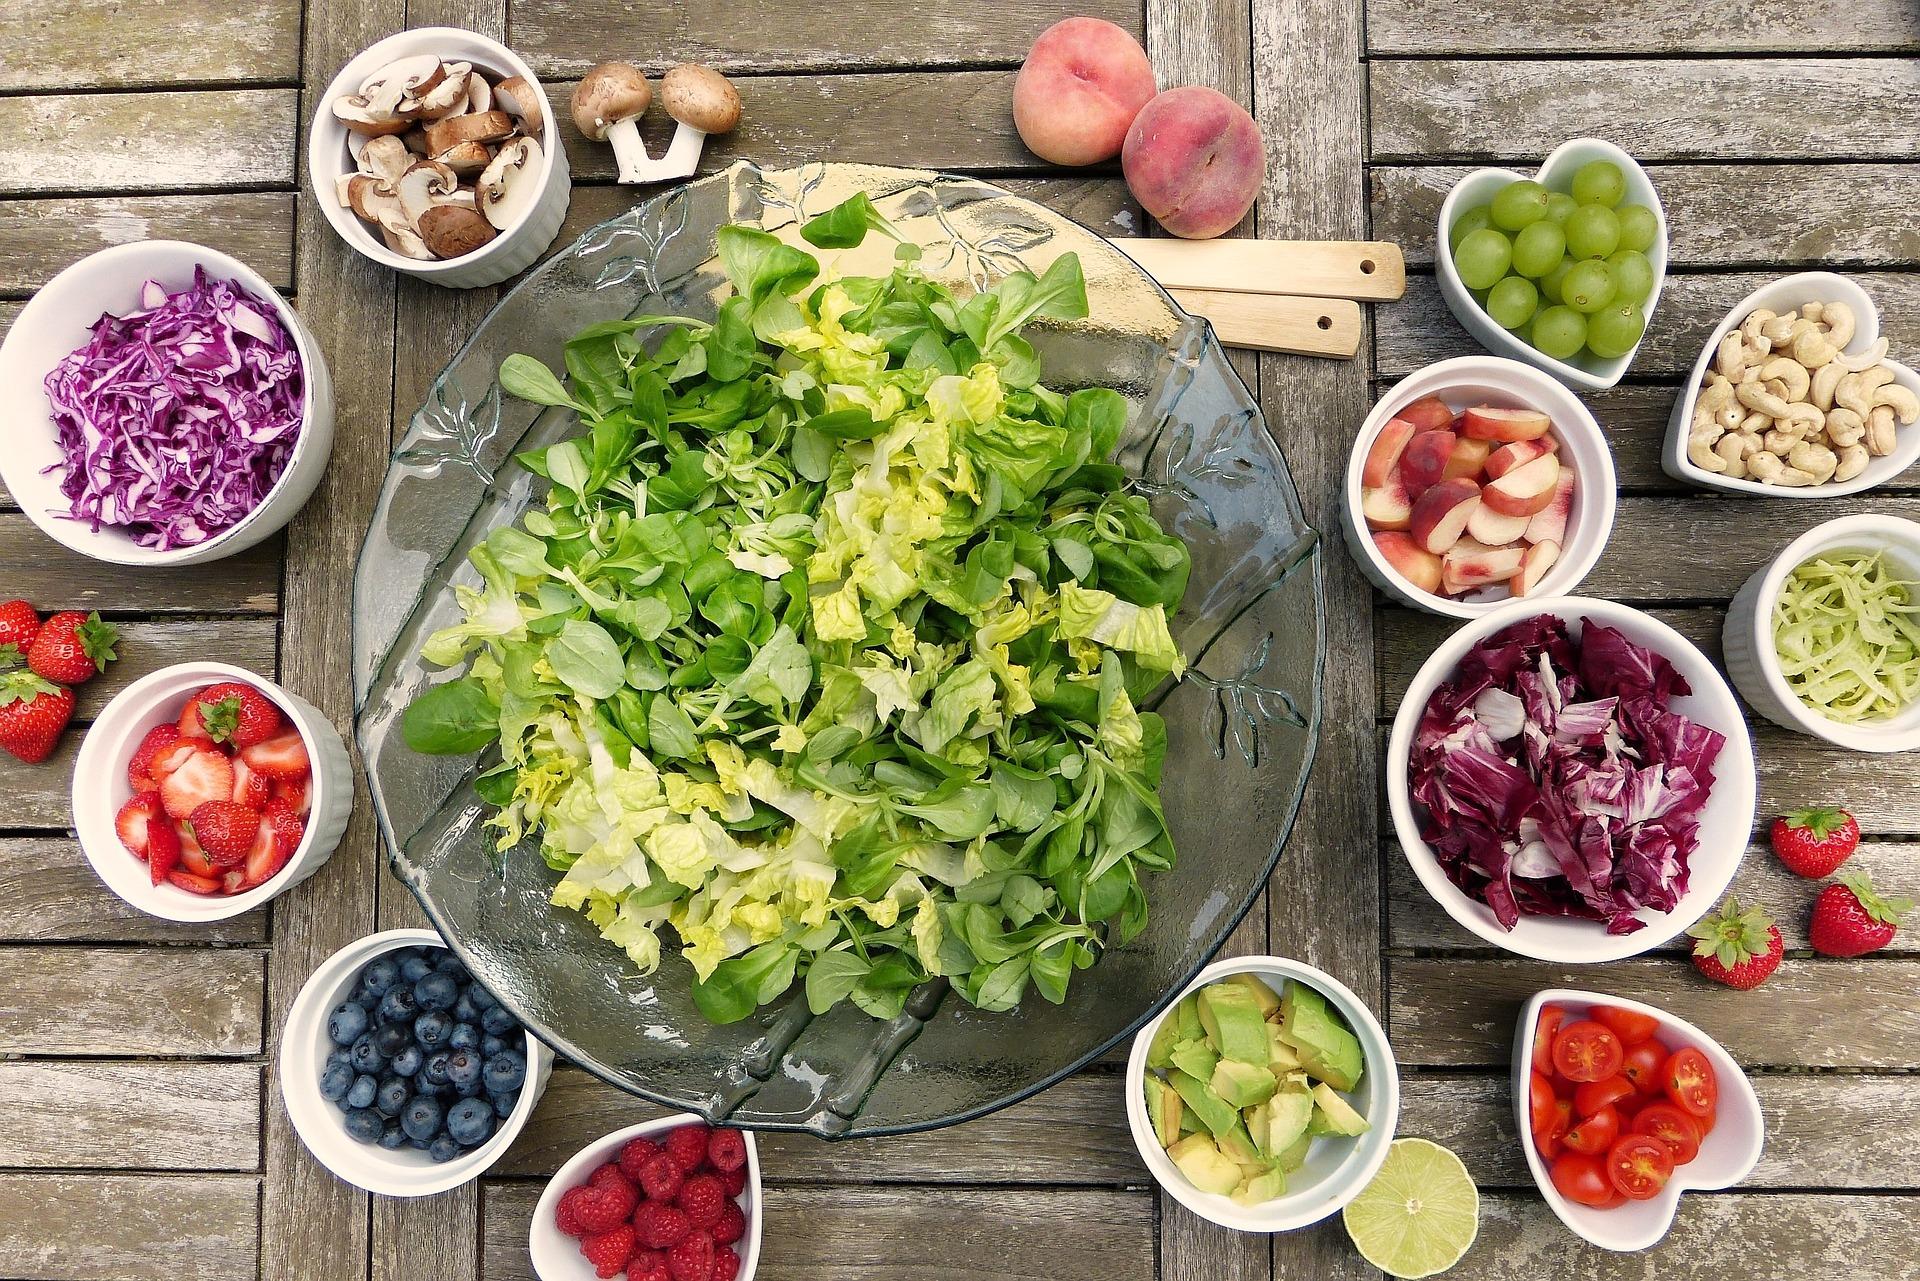 dieta vegana alimenti consigliati